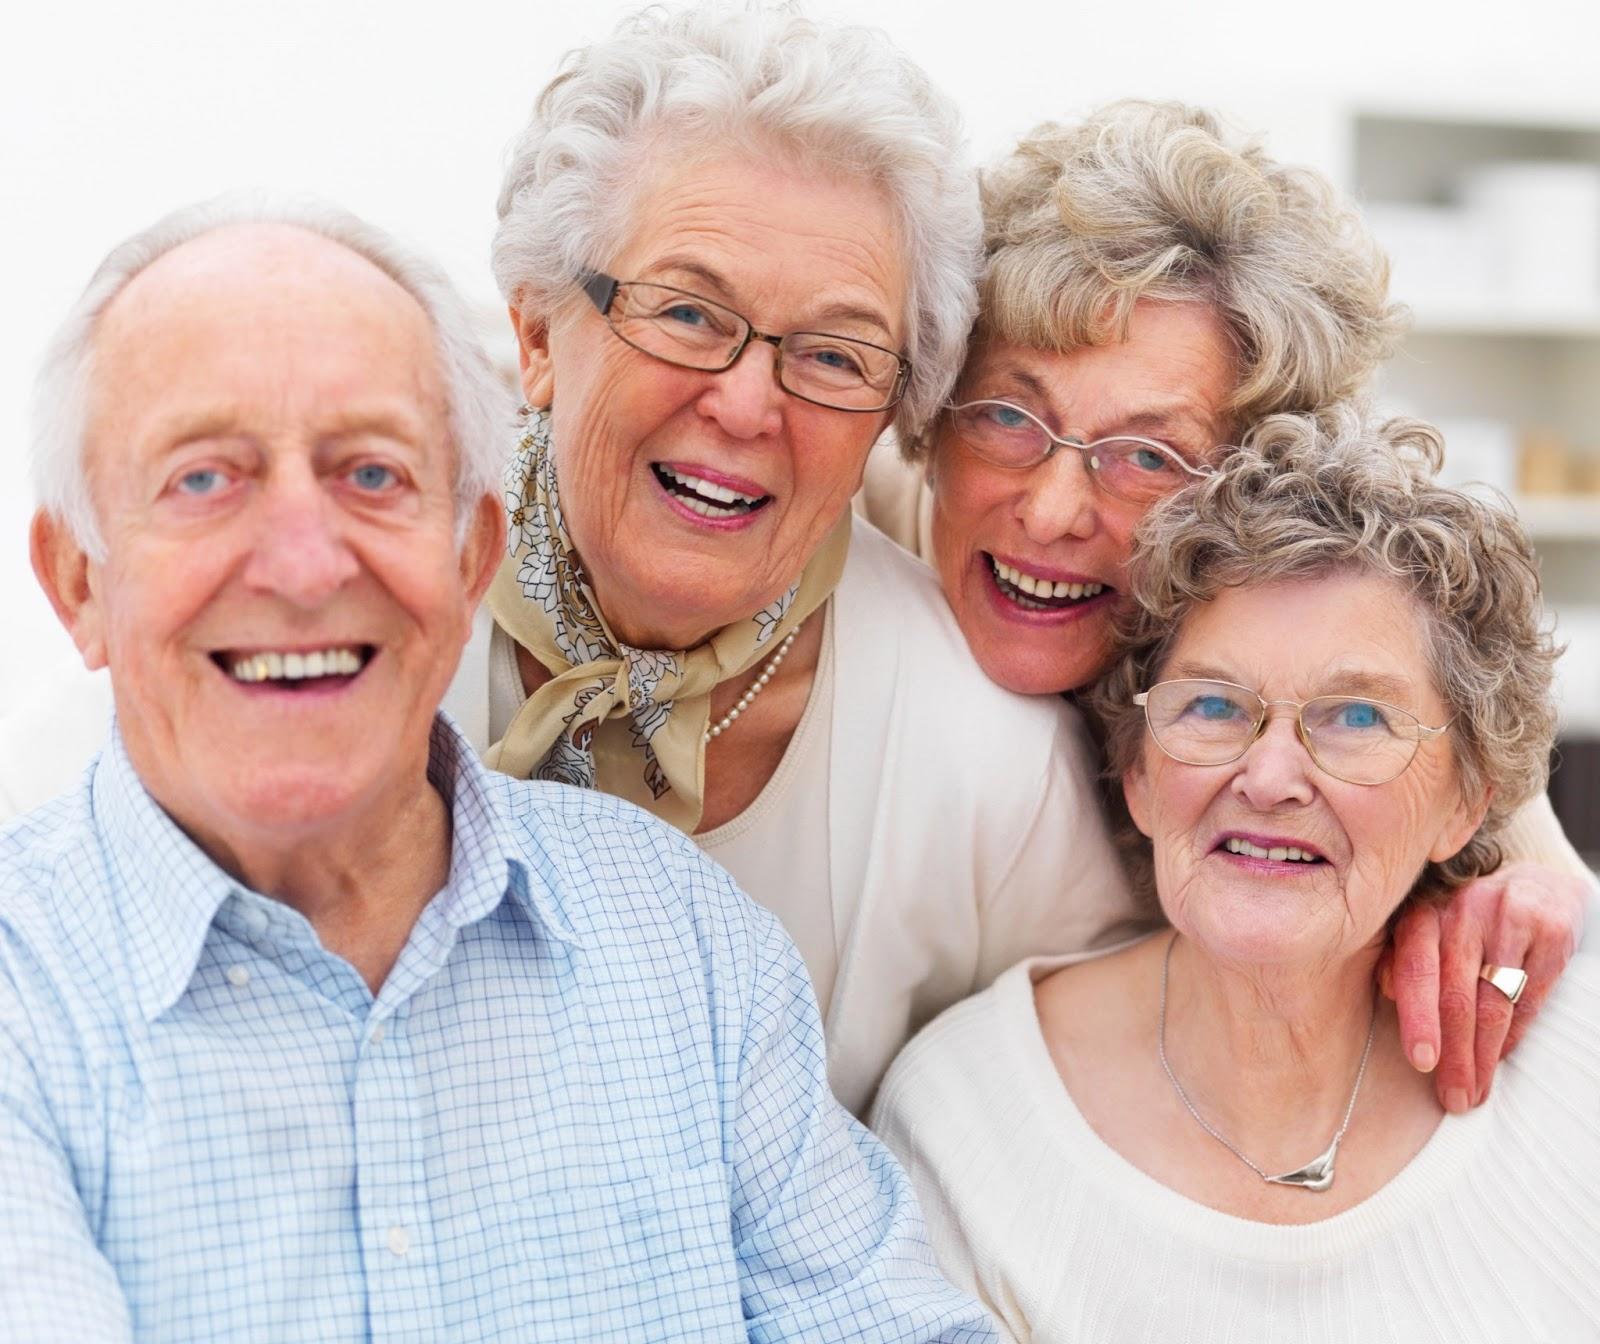 картинки для пожилых людей внимание можно оформить